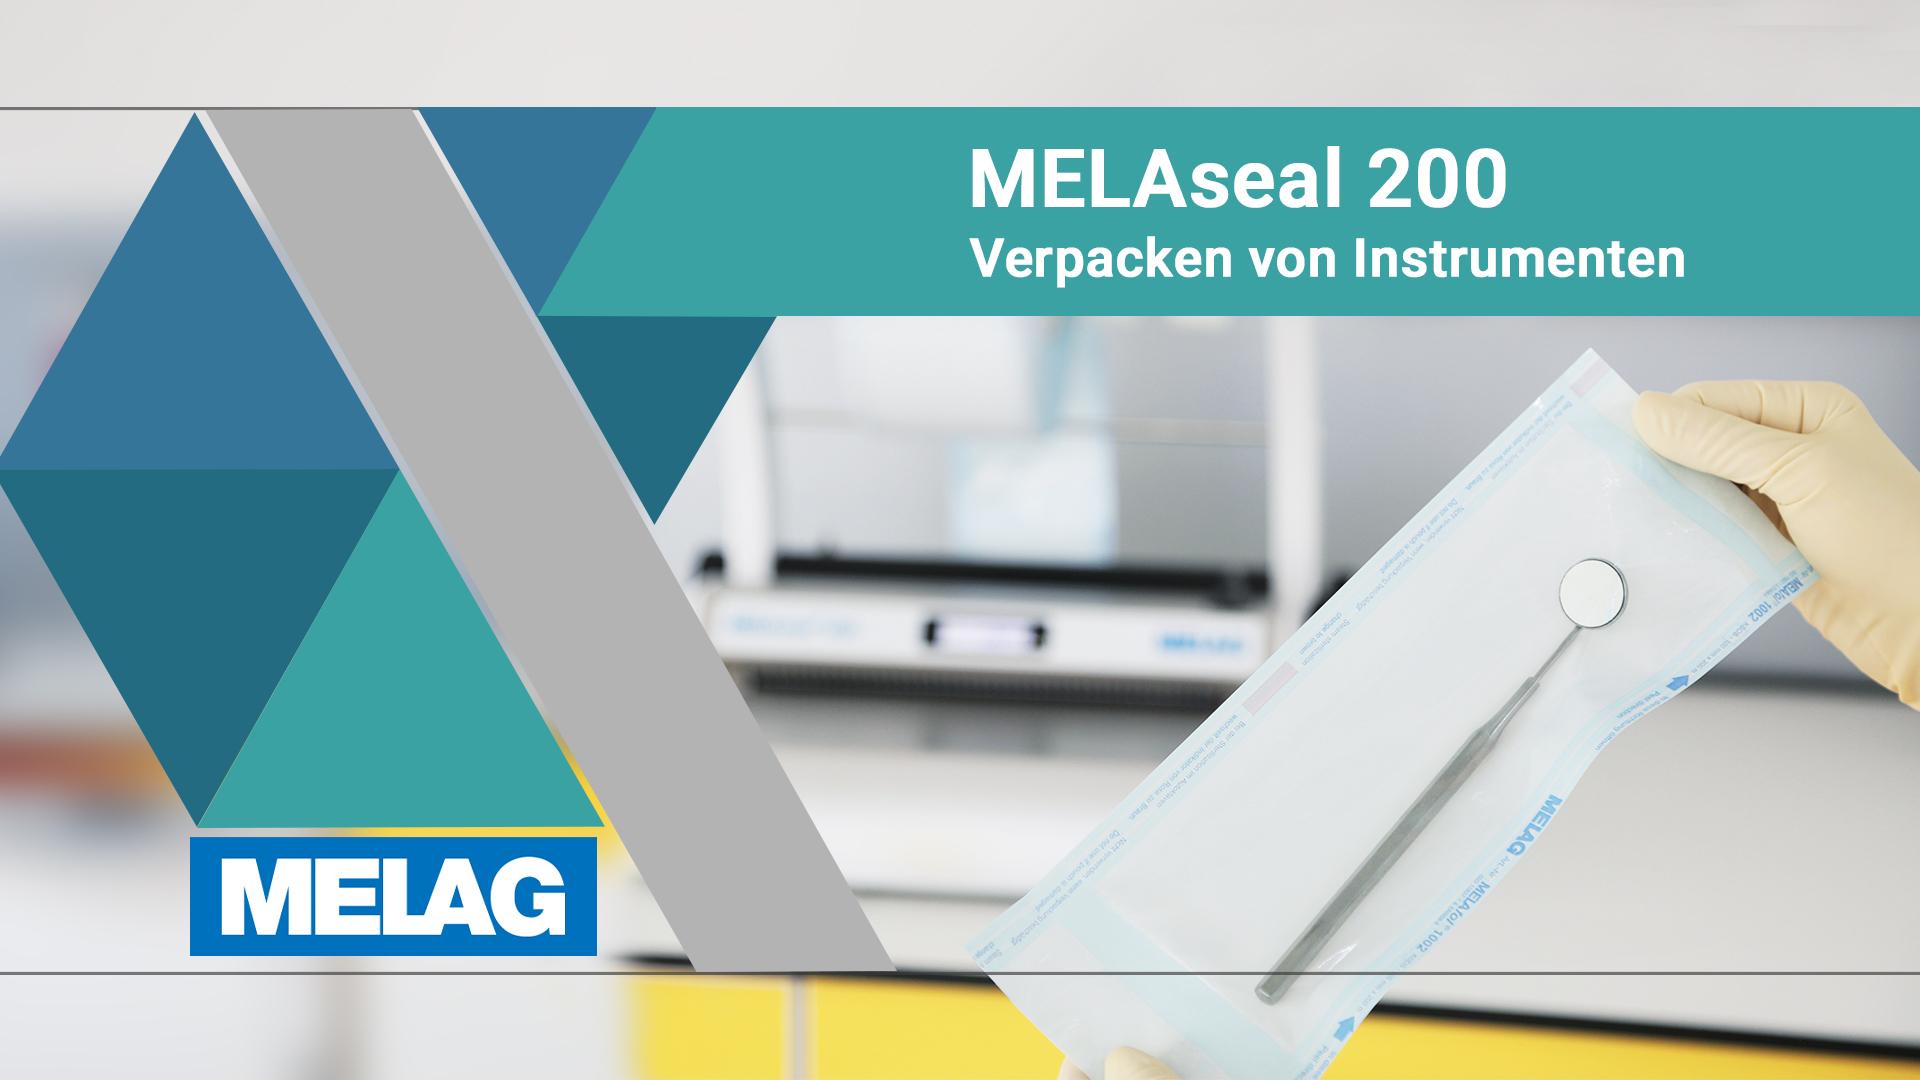 Video-Tutorial MELAseal 200 Verpackung von Instrumenten